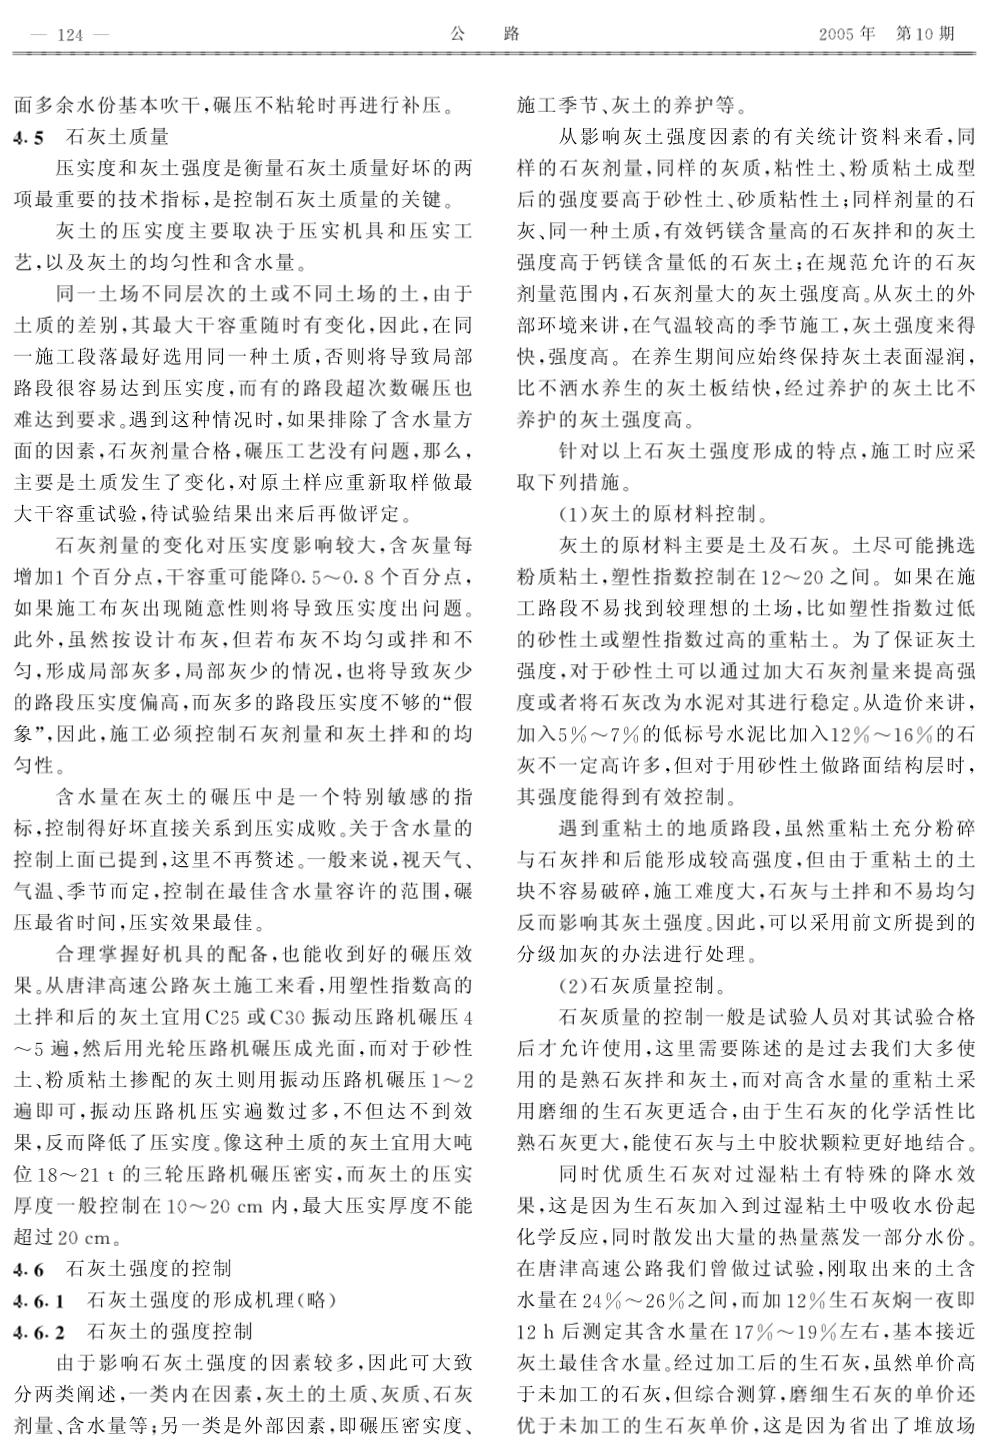 关于石灰土施工过程中容易出现的质量问题以及处理措施.pdf本文上传自路桥吾爱-lq52.com-图二